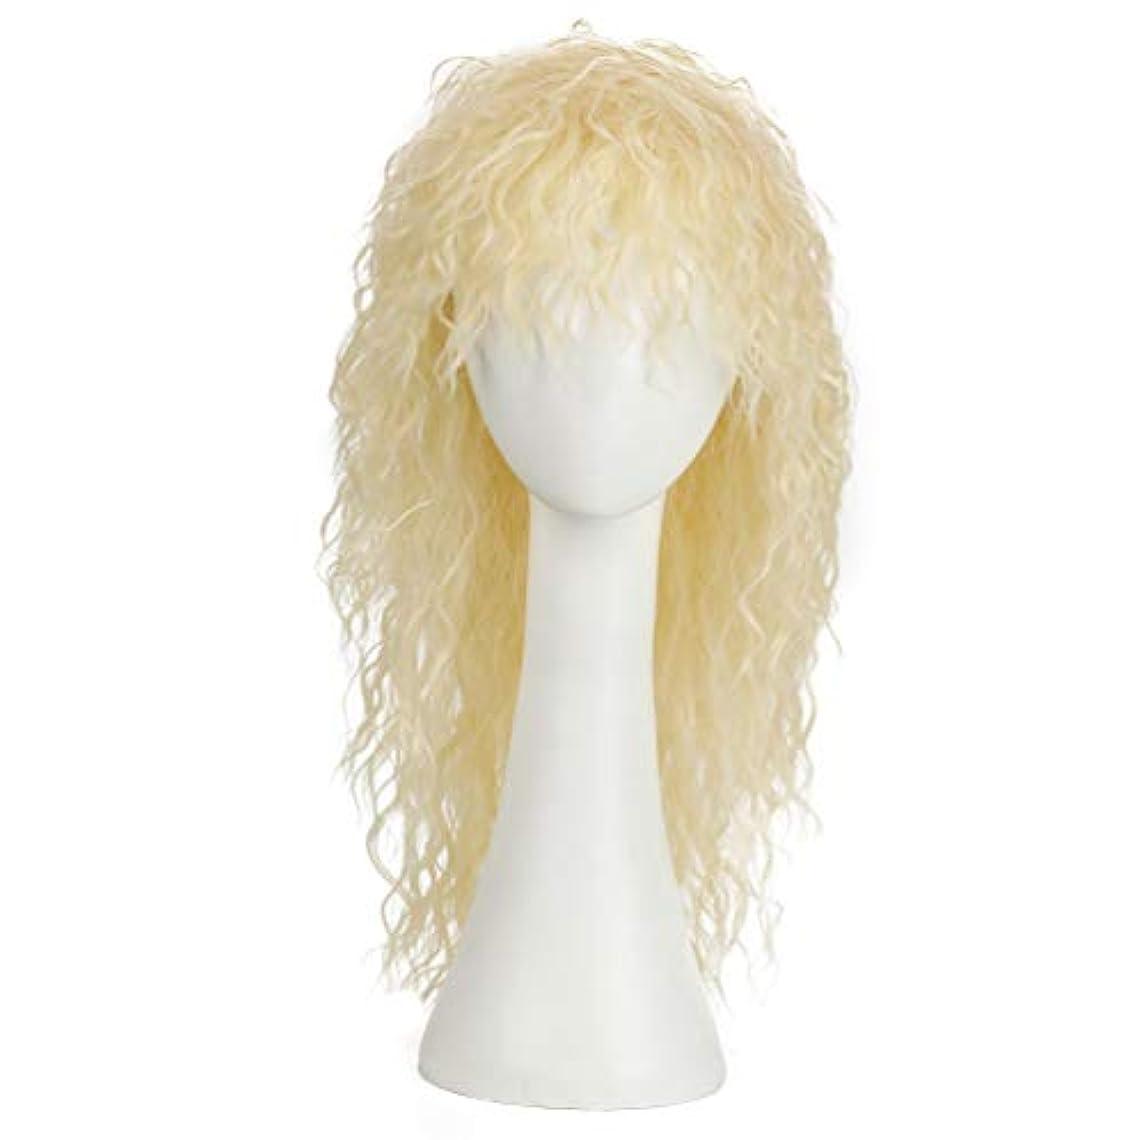 気候マトロン慢性的ウィッグ女性150%密度ロングカールグルーレスベビーヘアフルヘッドウィッグ